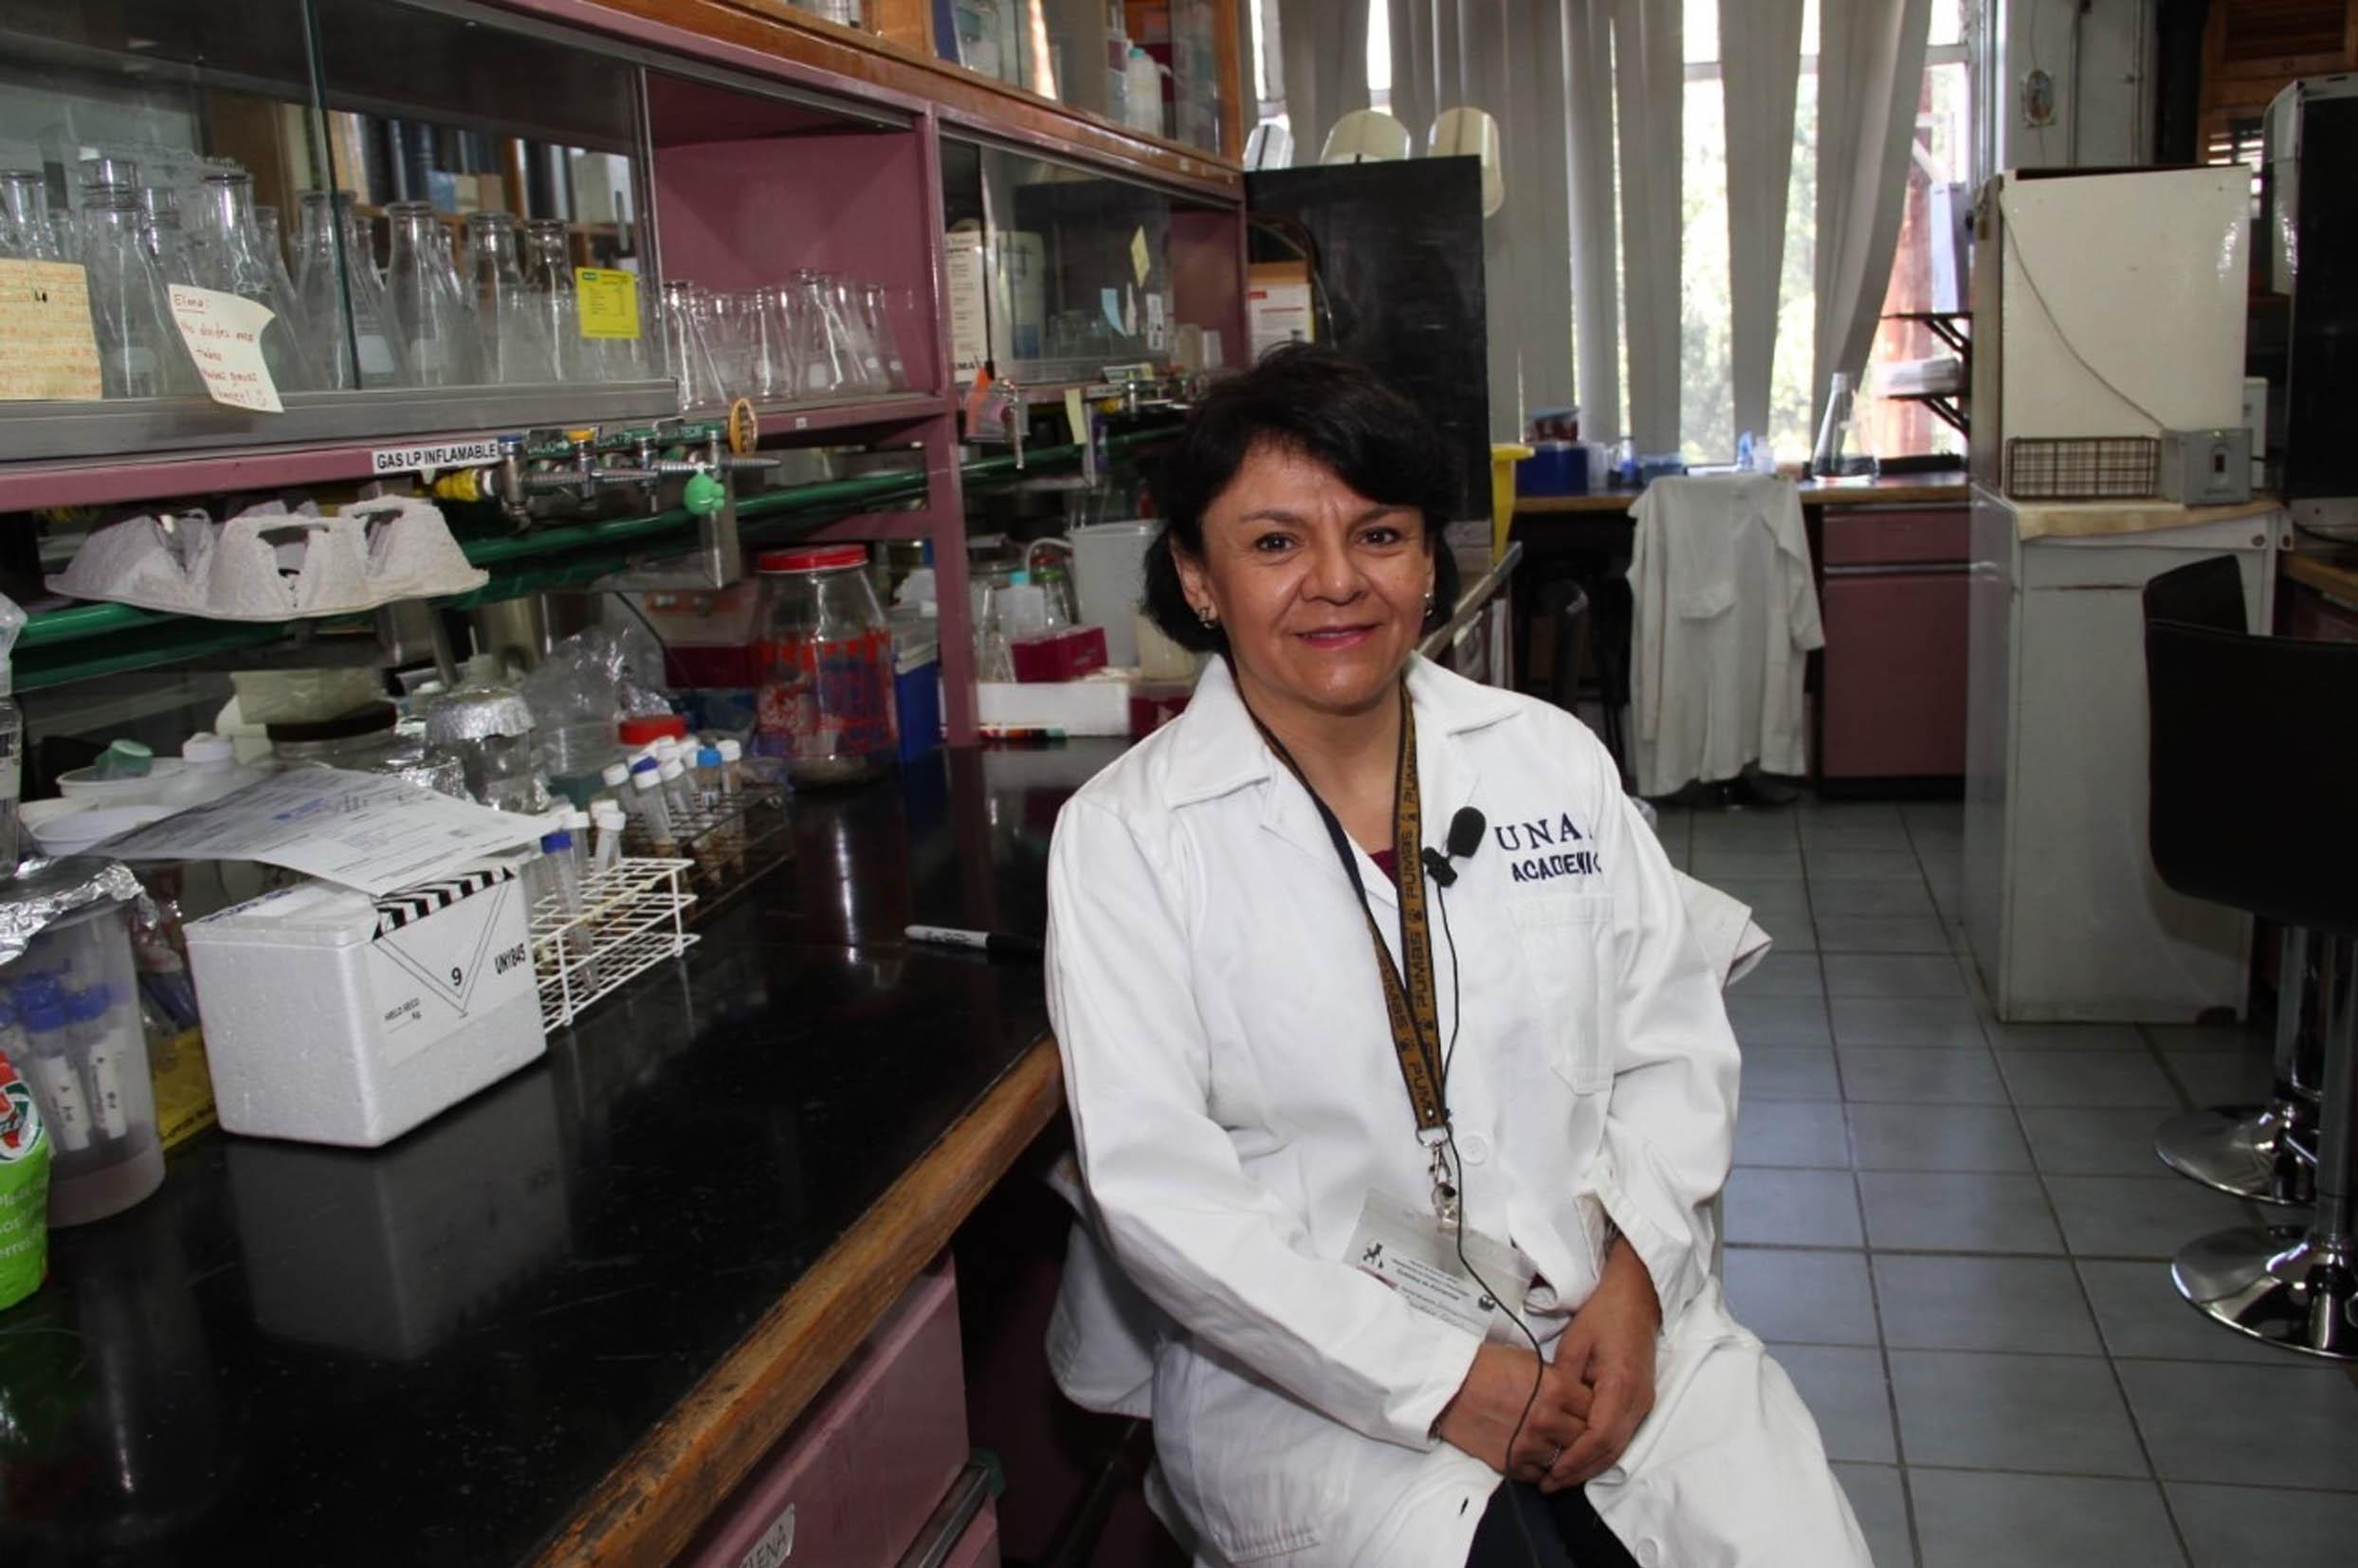 pruebas Facultad de Química COVID-19 UNAM